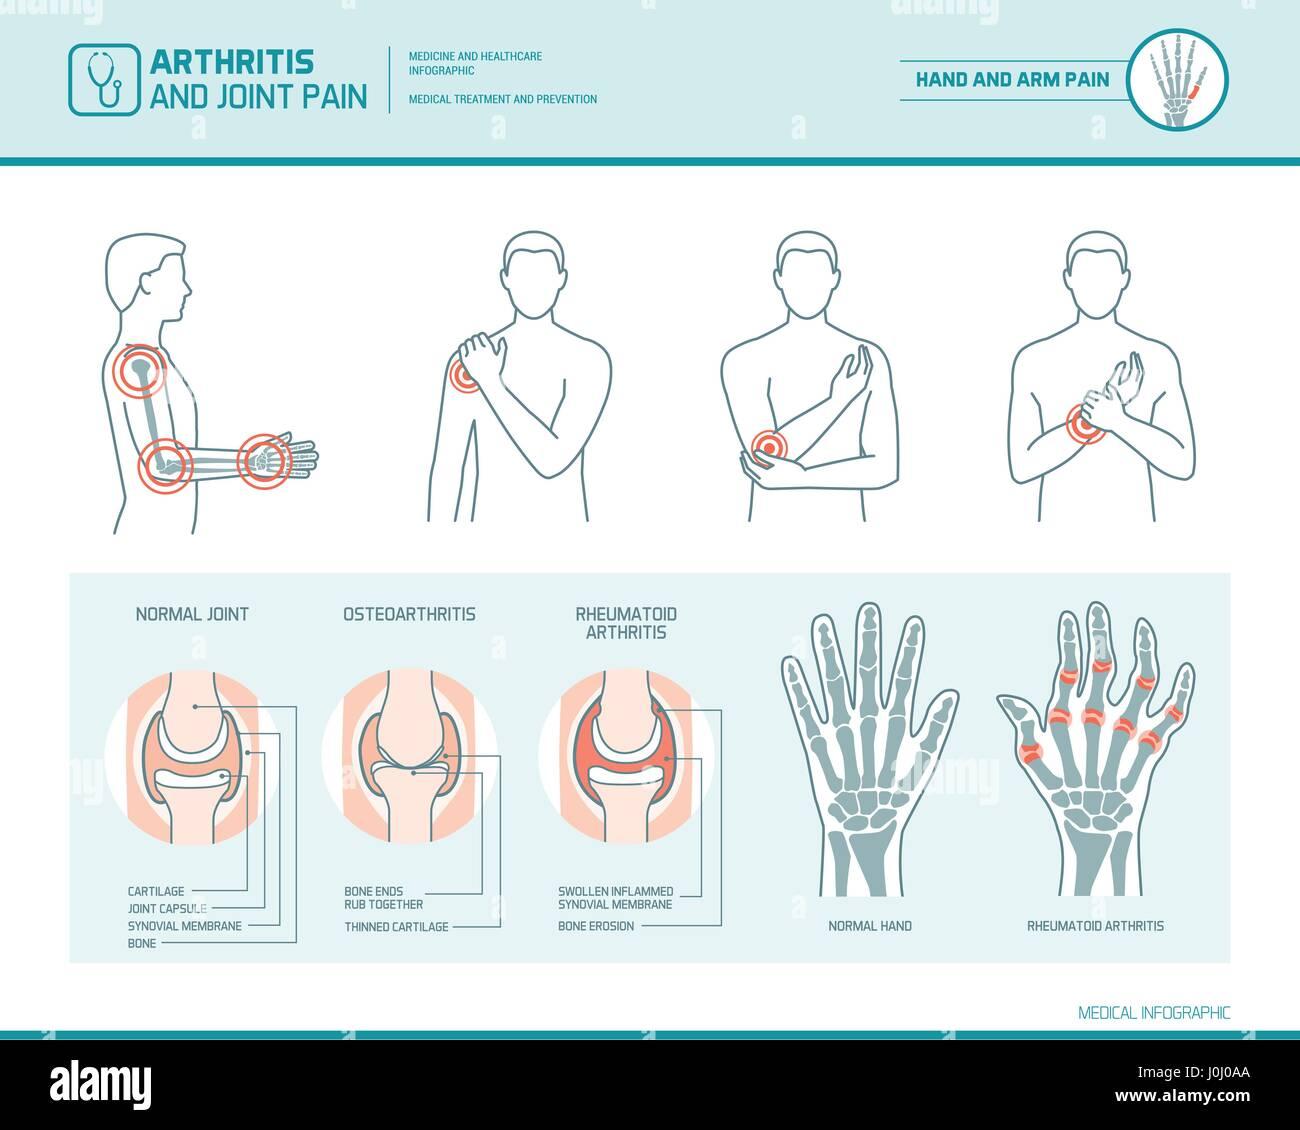 Arthritis und Schmerzen Infografik, anatomische Abbildung eines entzündet Hand und arm Stockbild